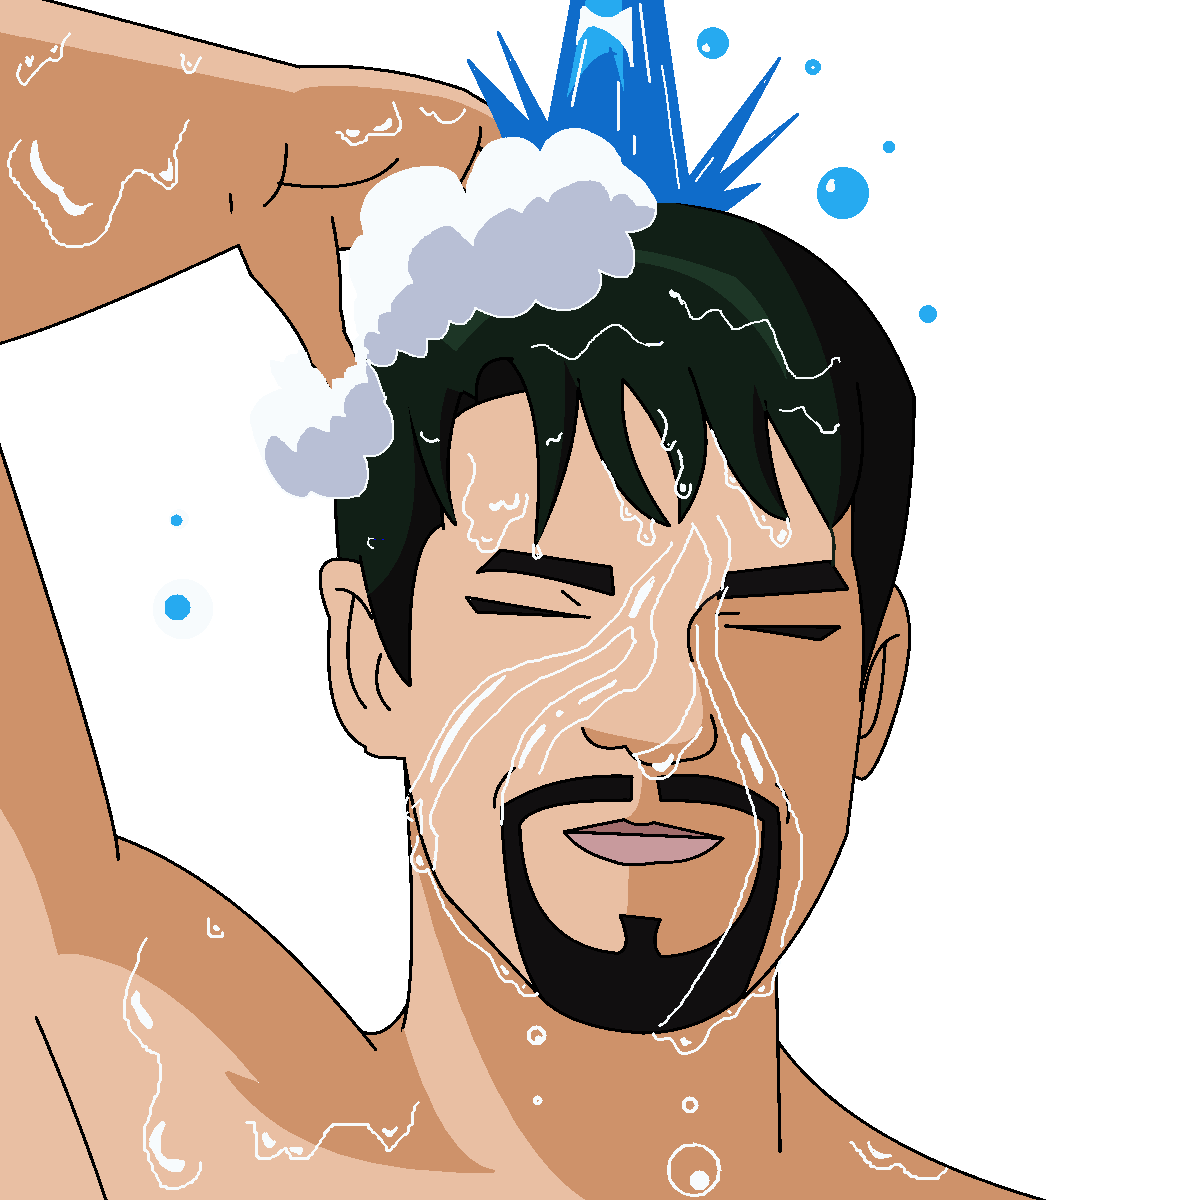 صوره كيفية غسل الجنابة , شاهد الطريقه الصحيحه للاغتسال من الجنابه